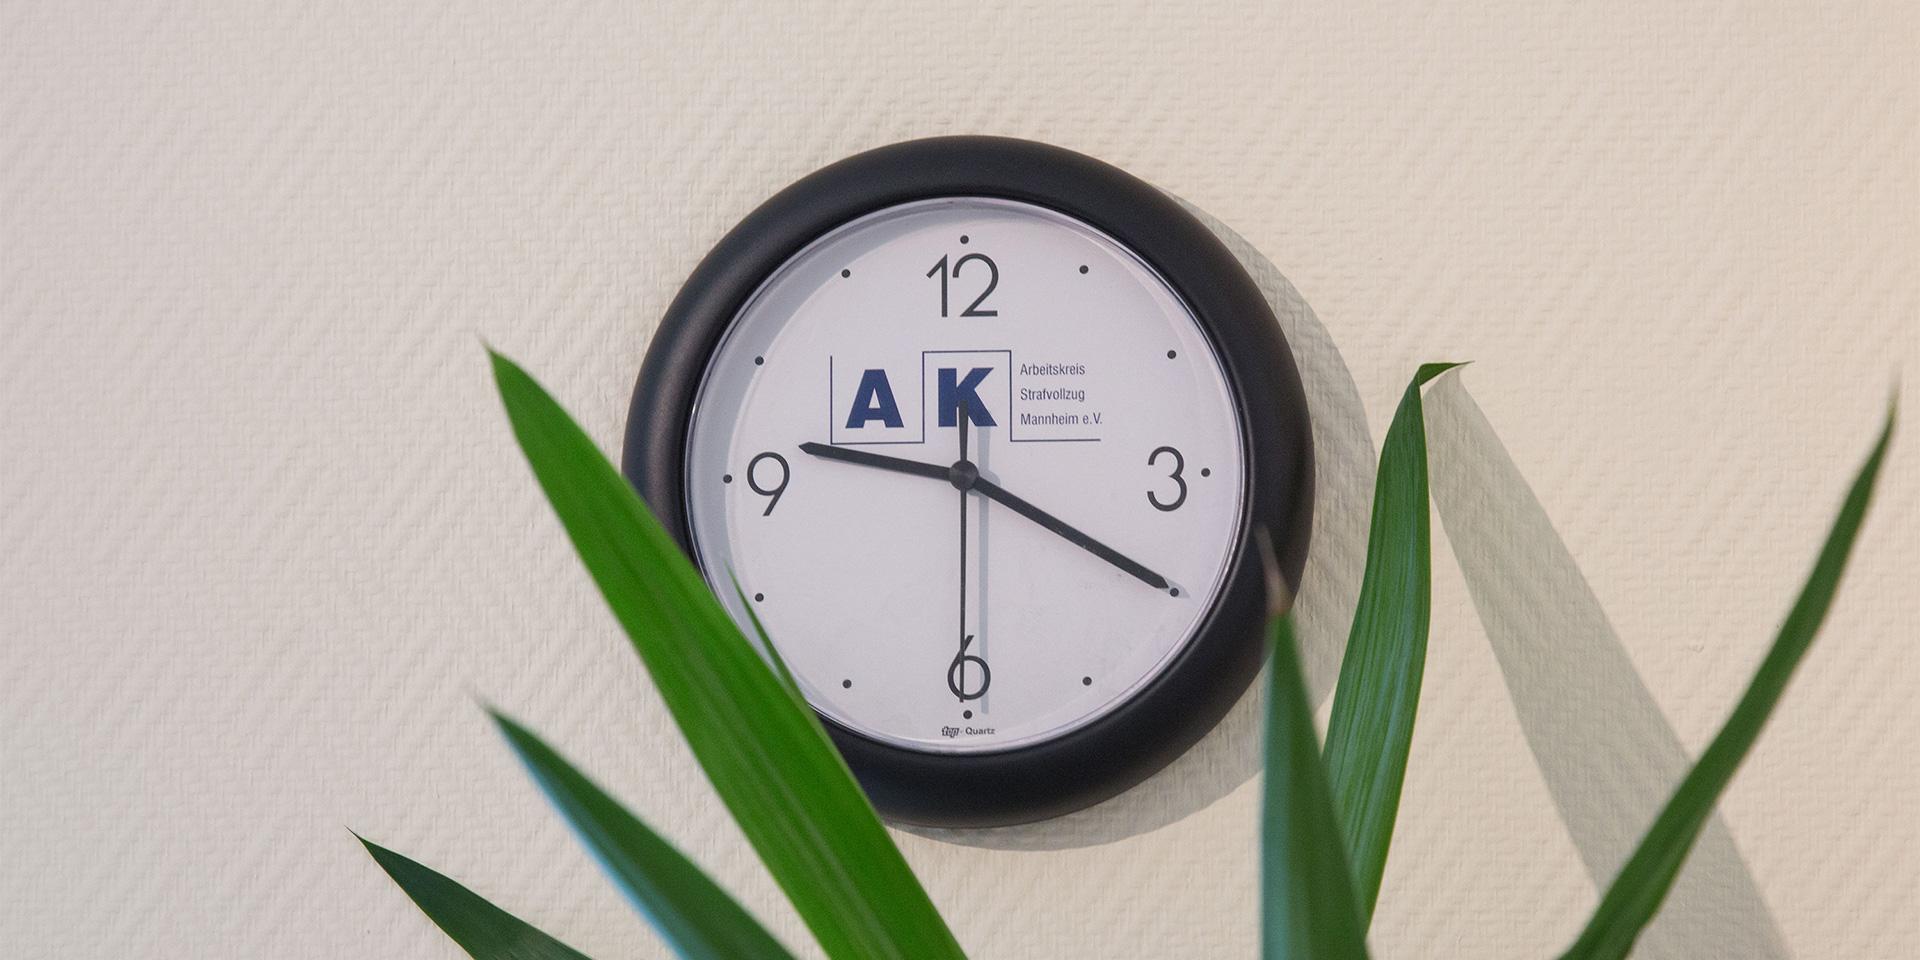 AK - Kontakt